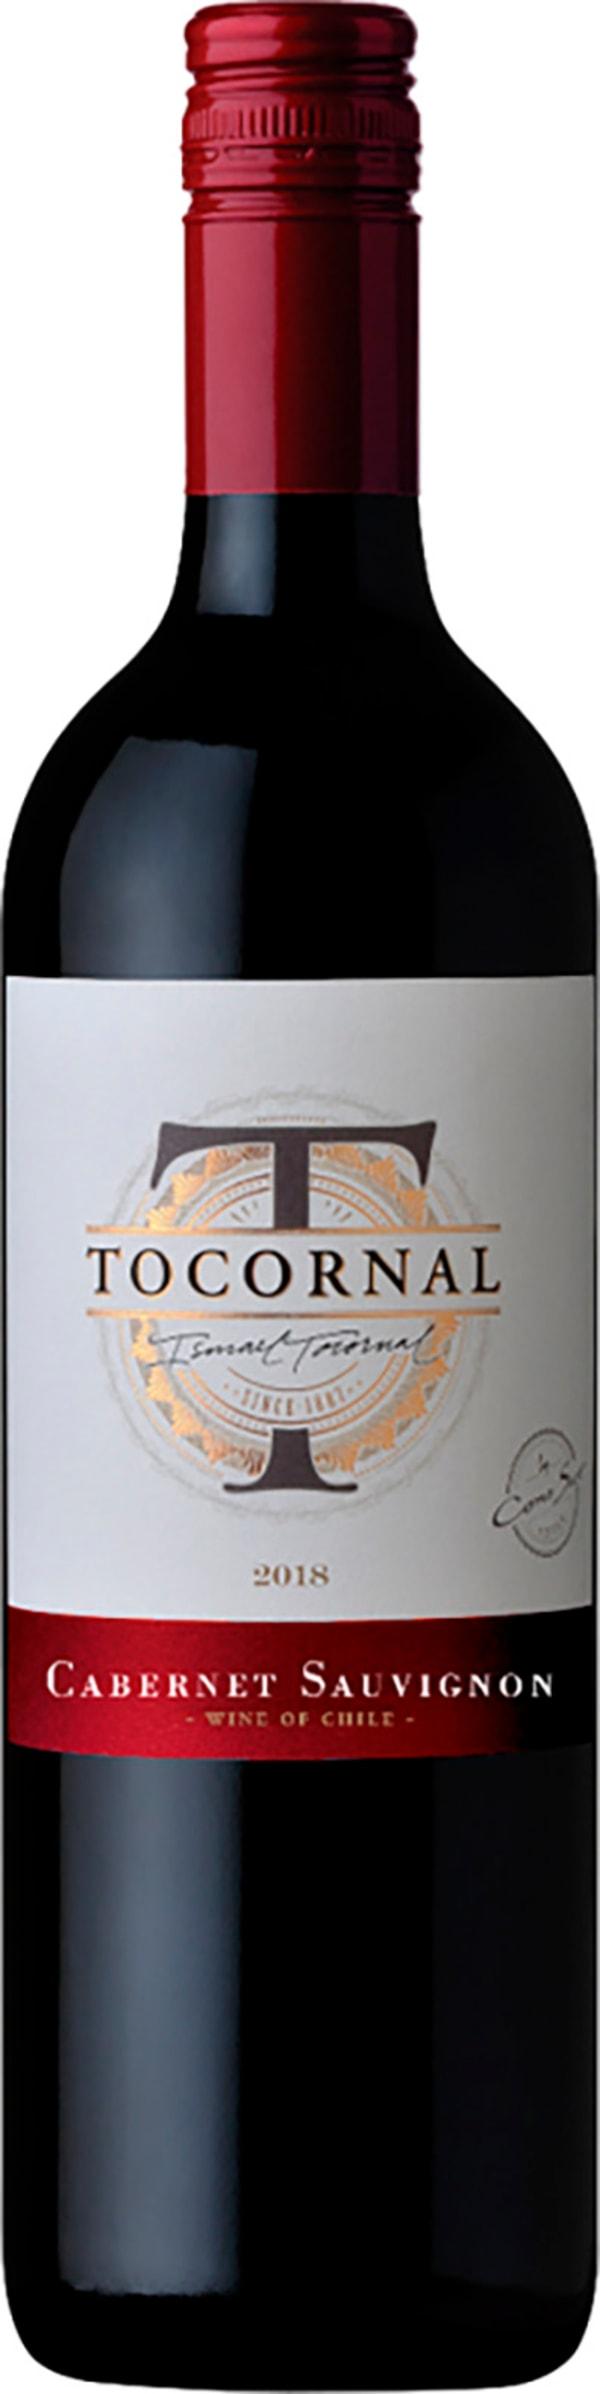 Cono Sur Tocornal Cabernet Sauvignon 2019